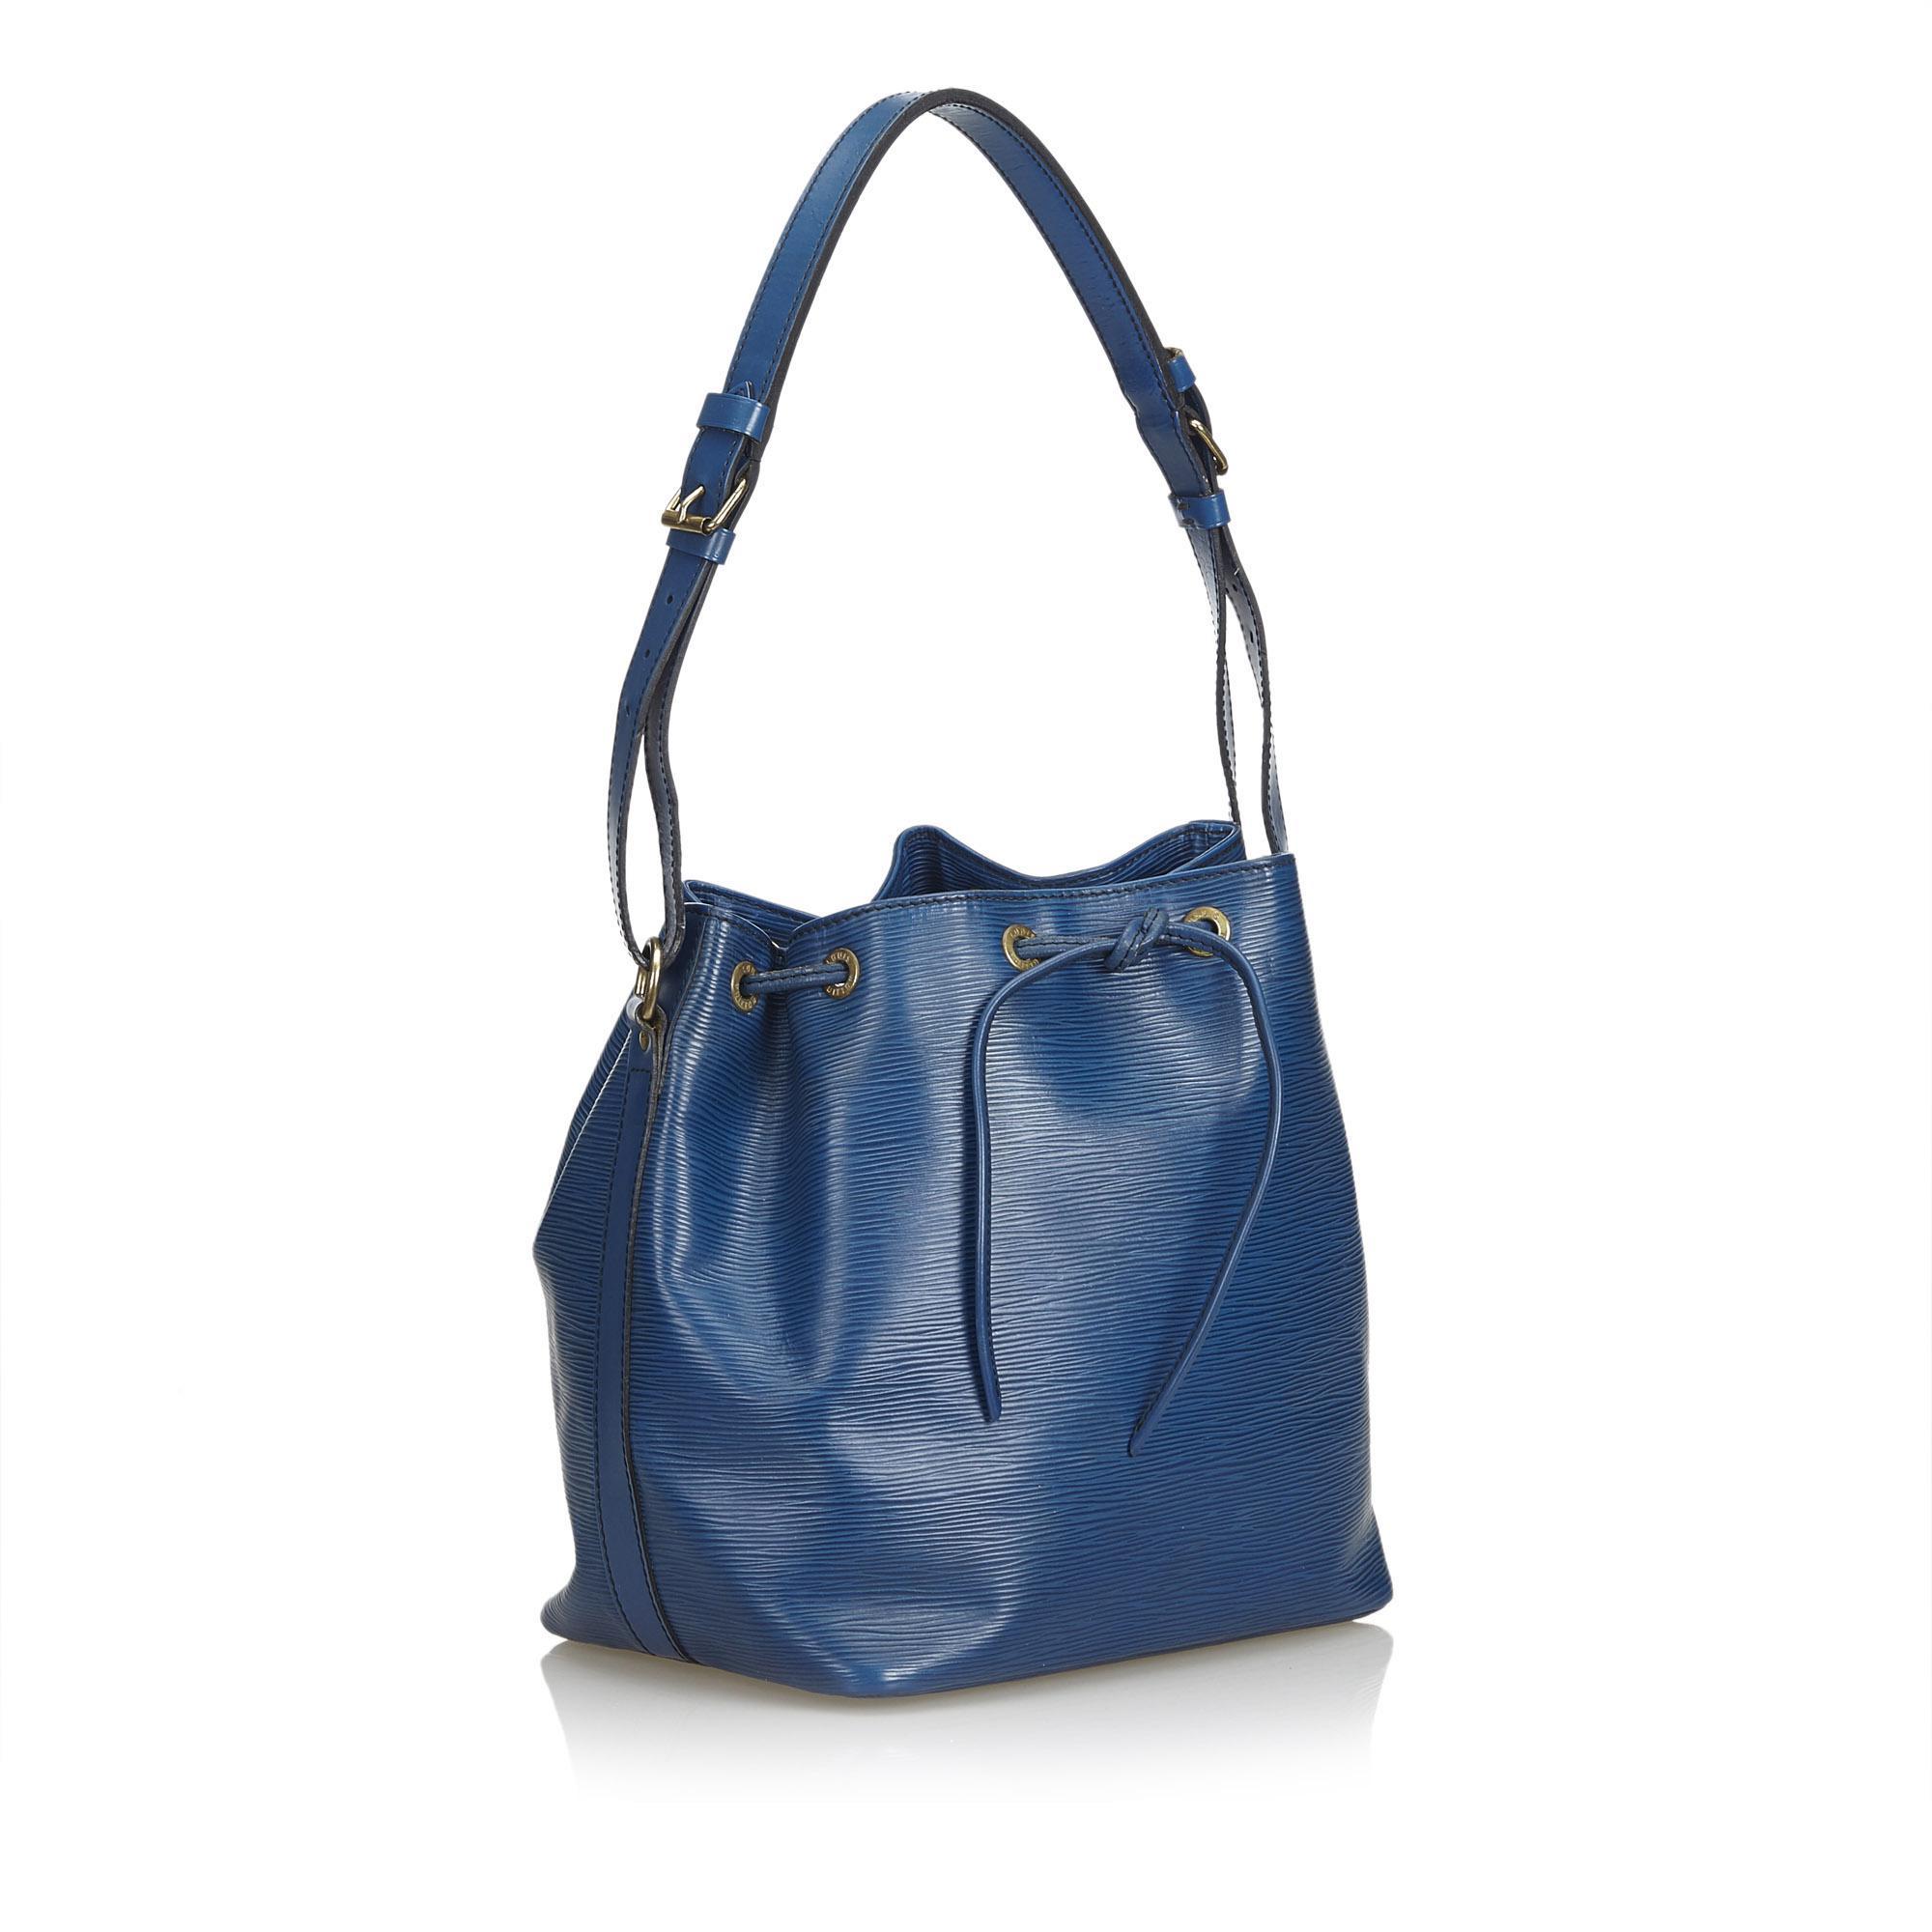 01870e3c6231 Lyst - Louis Vuitton Epi Petit Noe in Blue